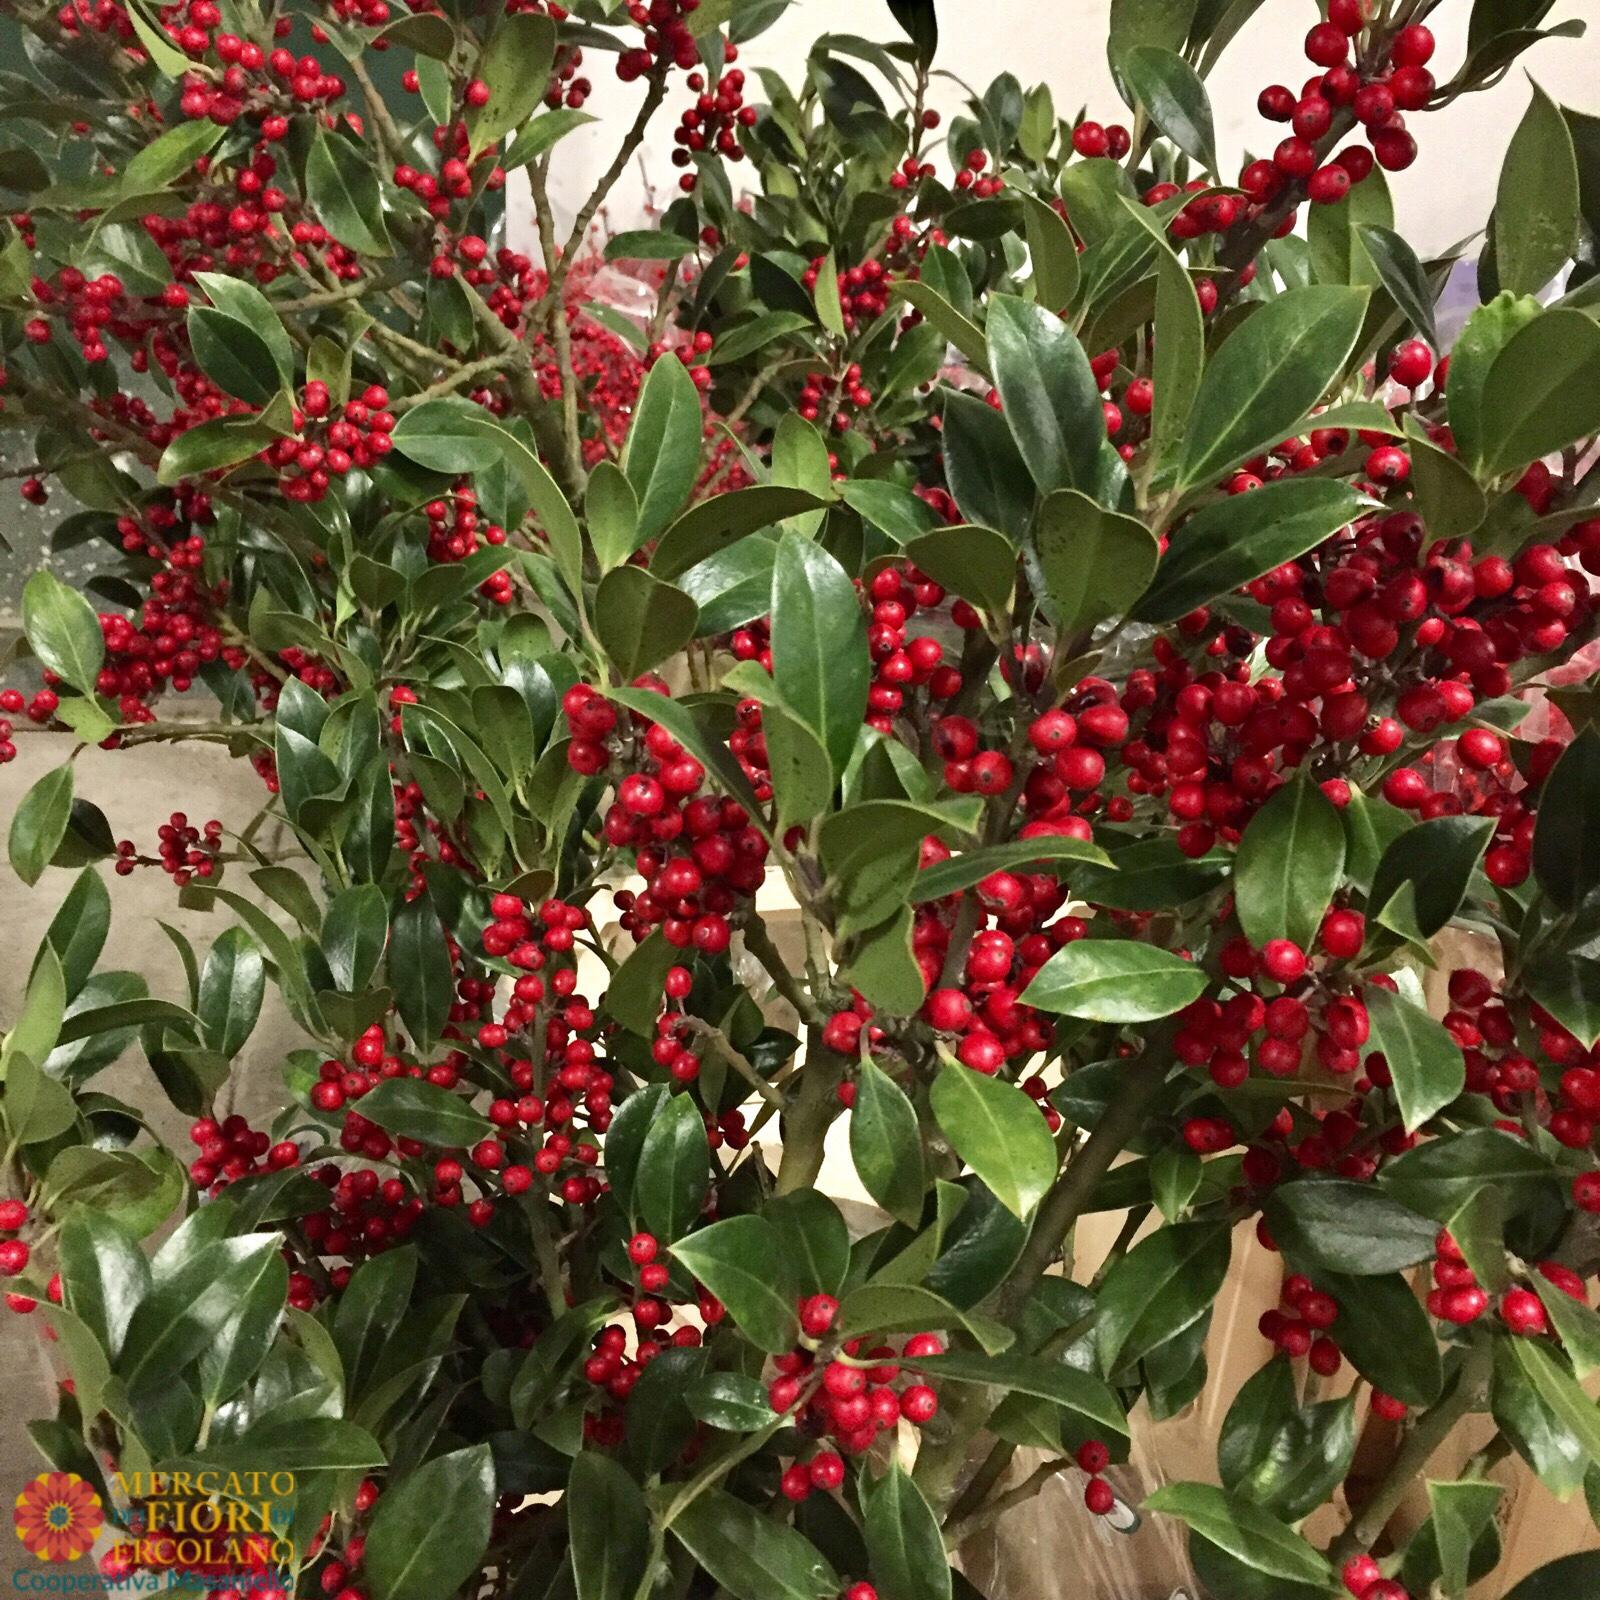 Pungitopo Decorazioni Natalizie.Le Piante Di Natale Mercato Dei Fiori Di Ercolano